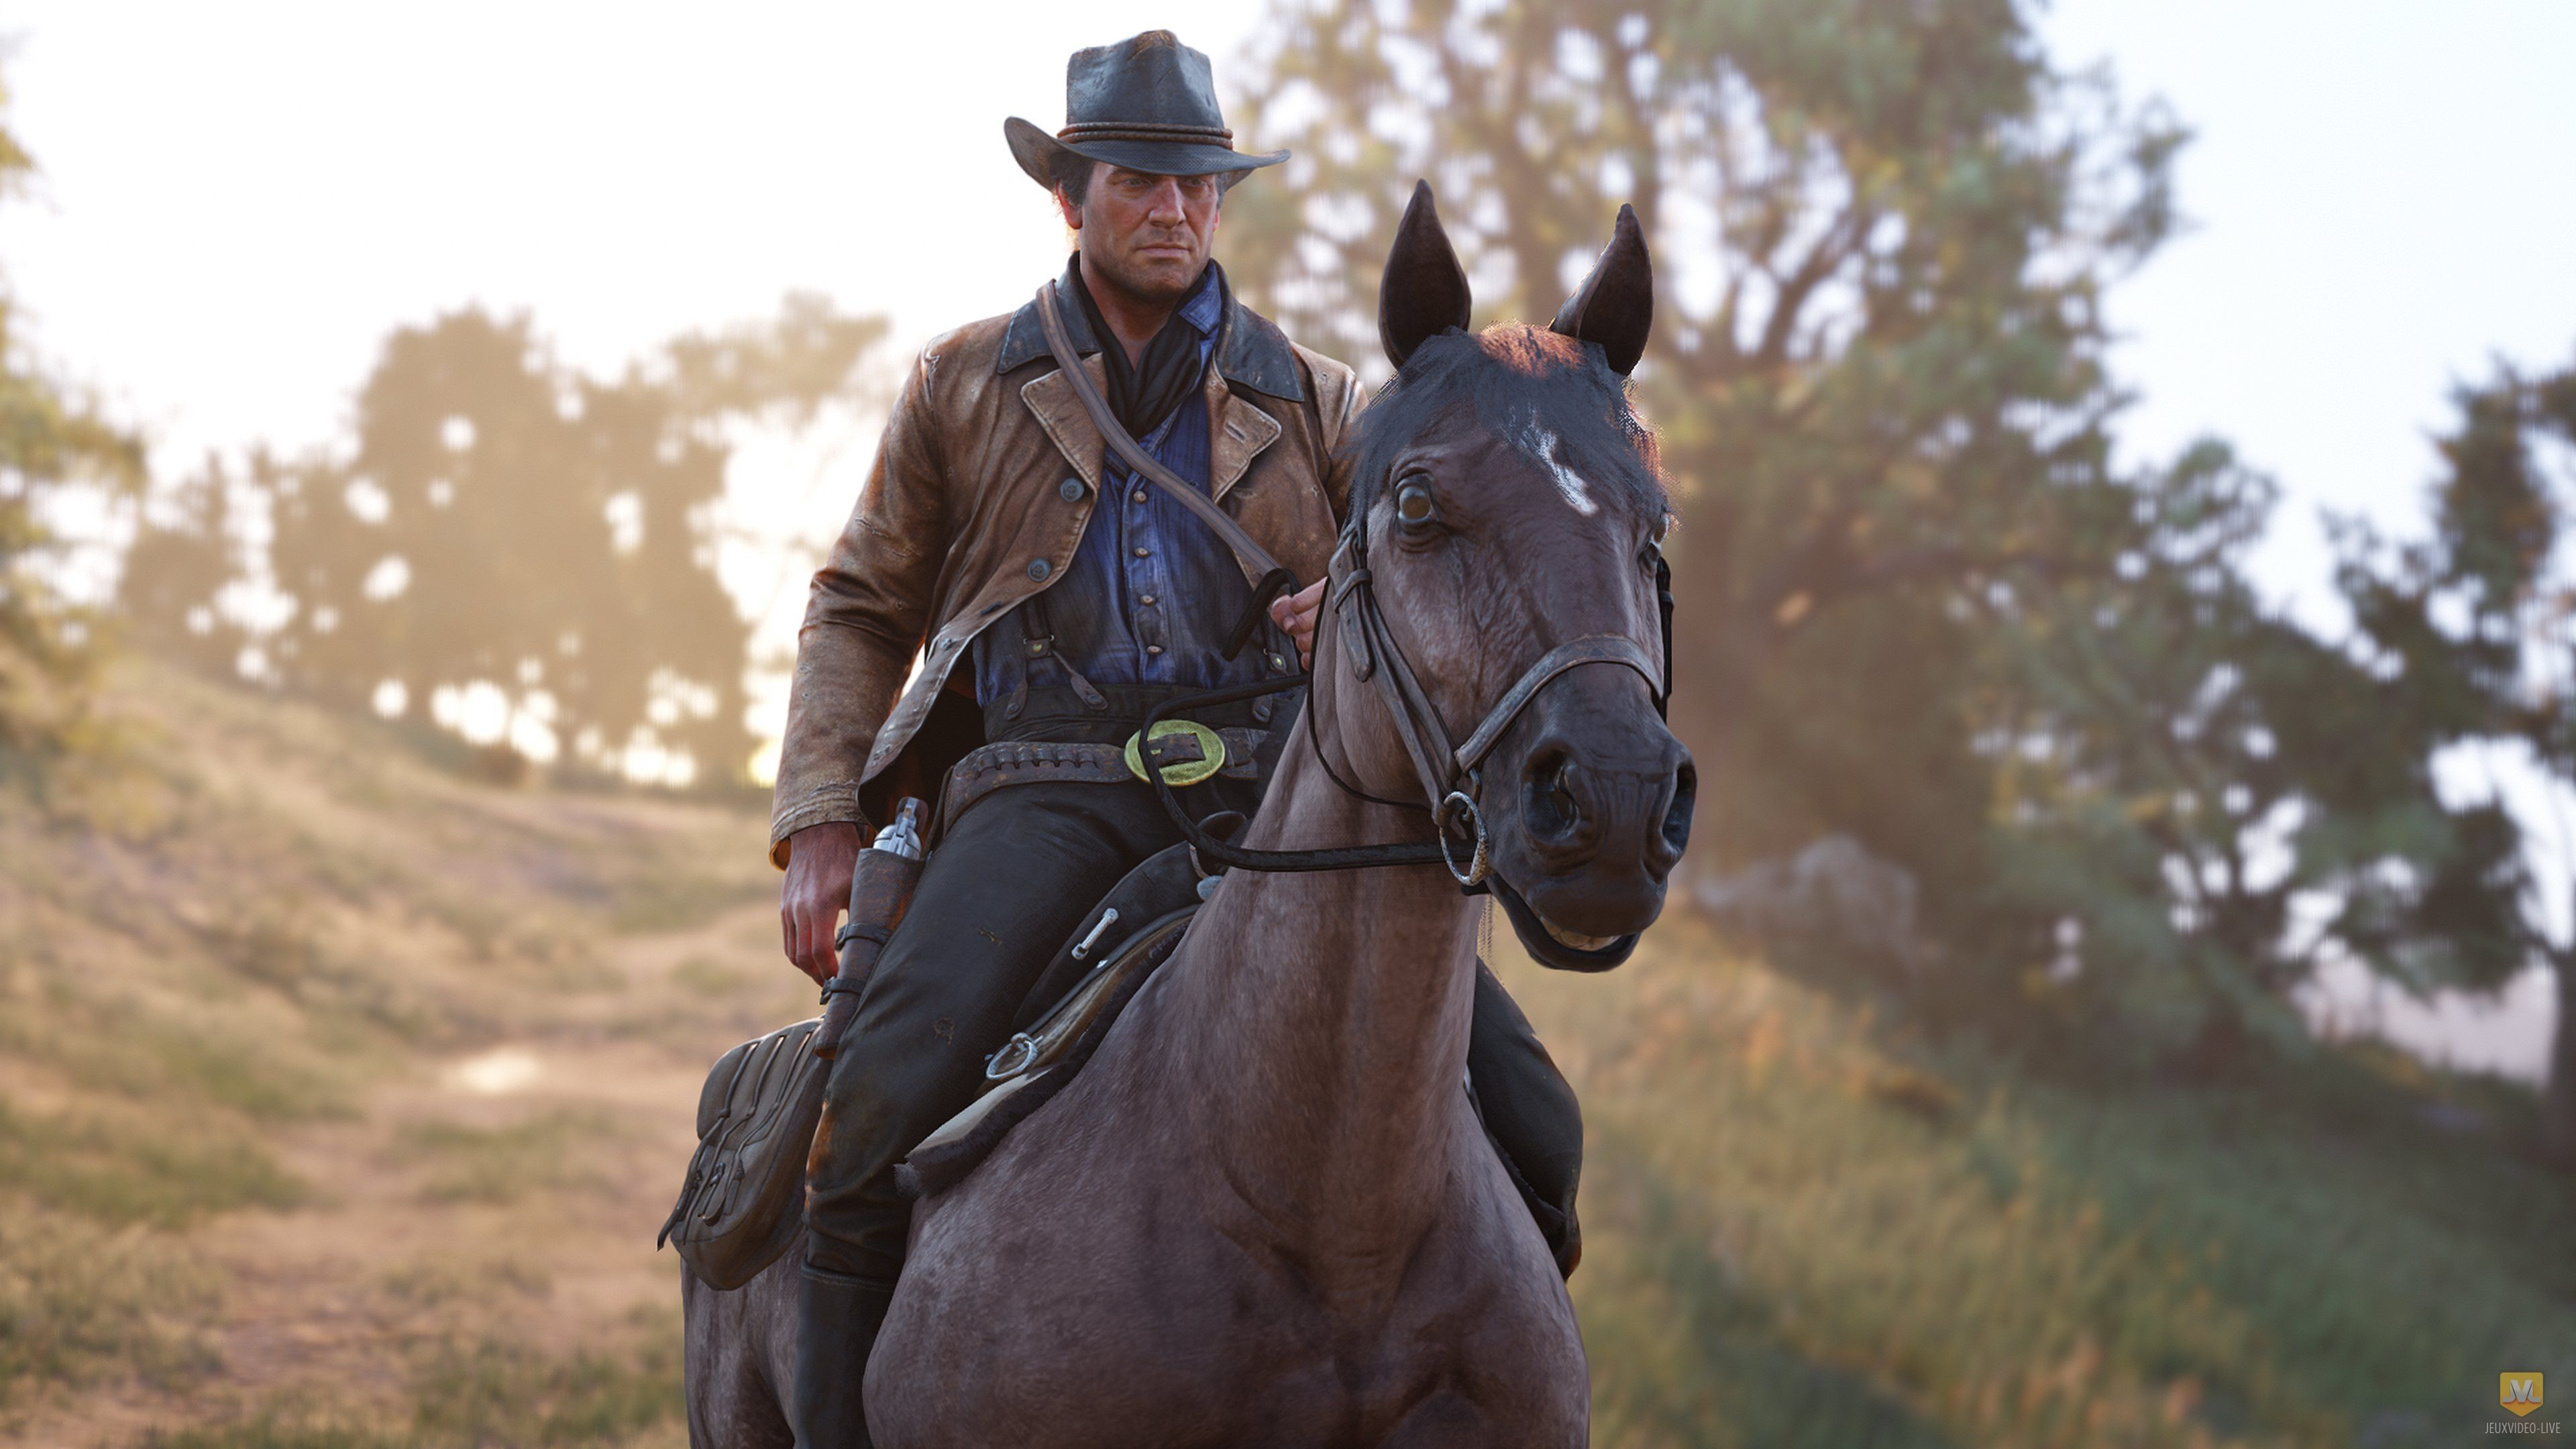 Red Dead Redemption 2 : la version PC s'affiche dans le listing d'un revendeur avec date de sortie